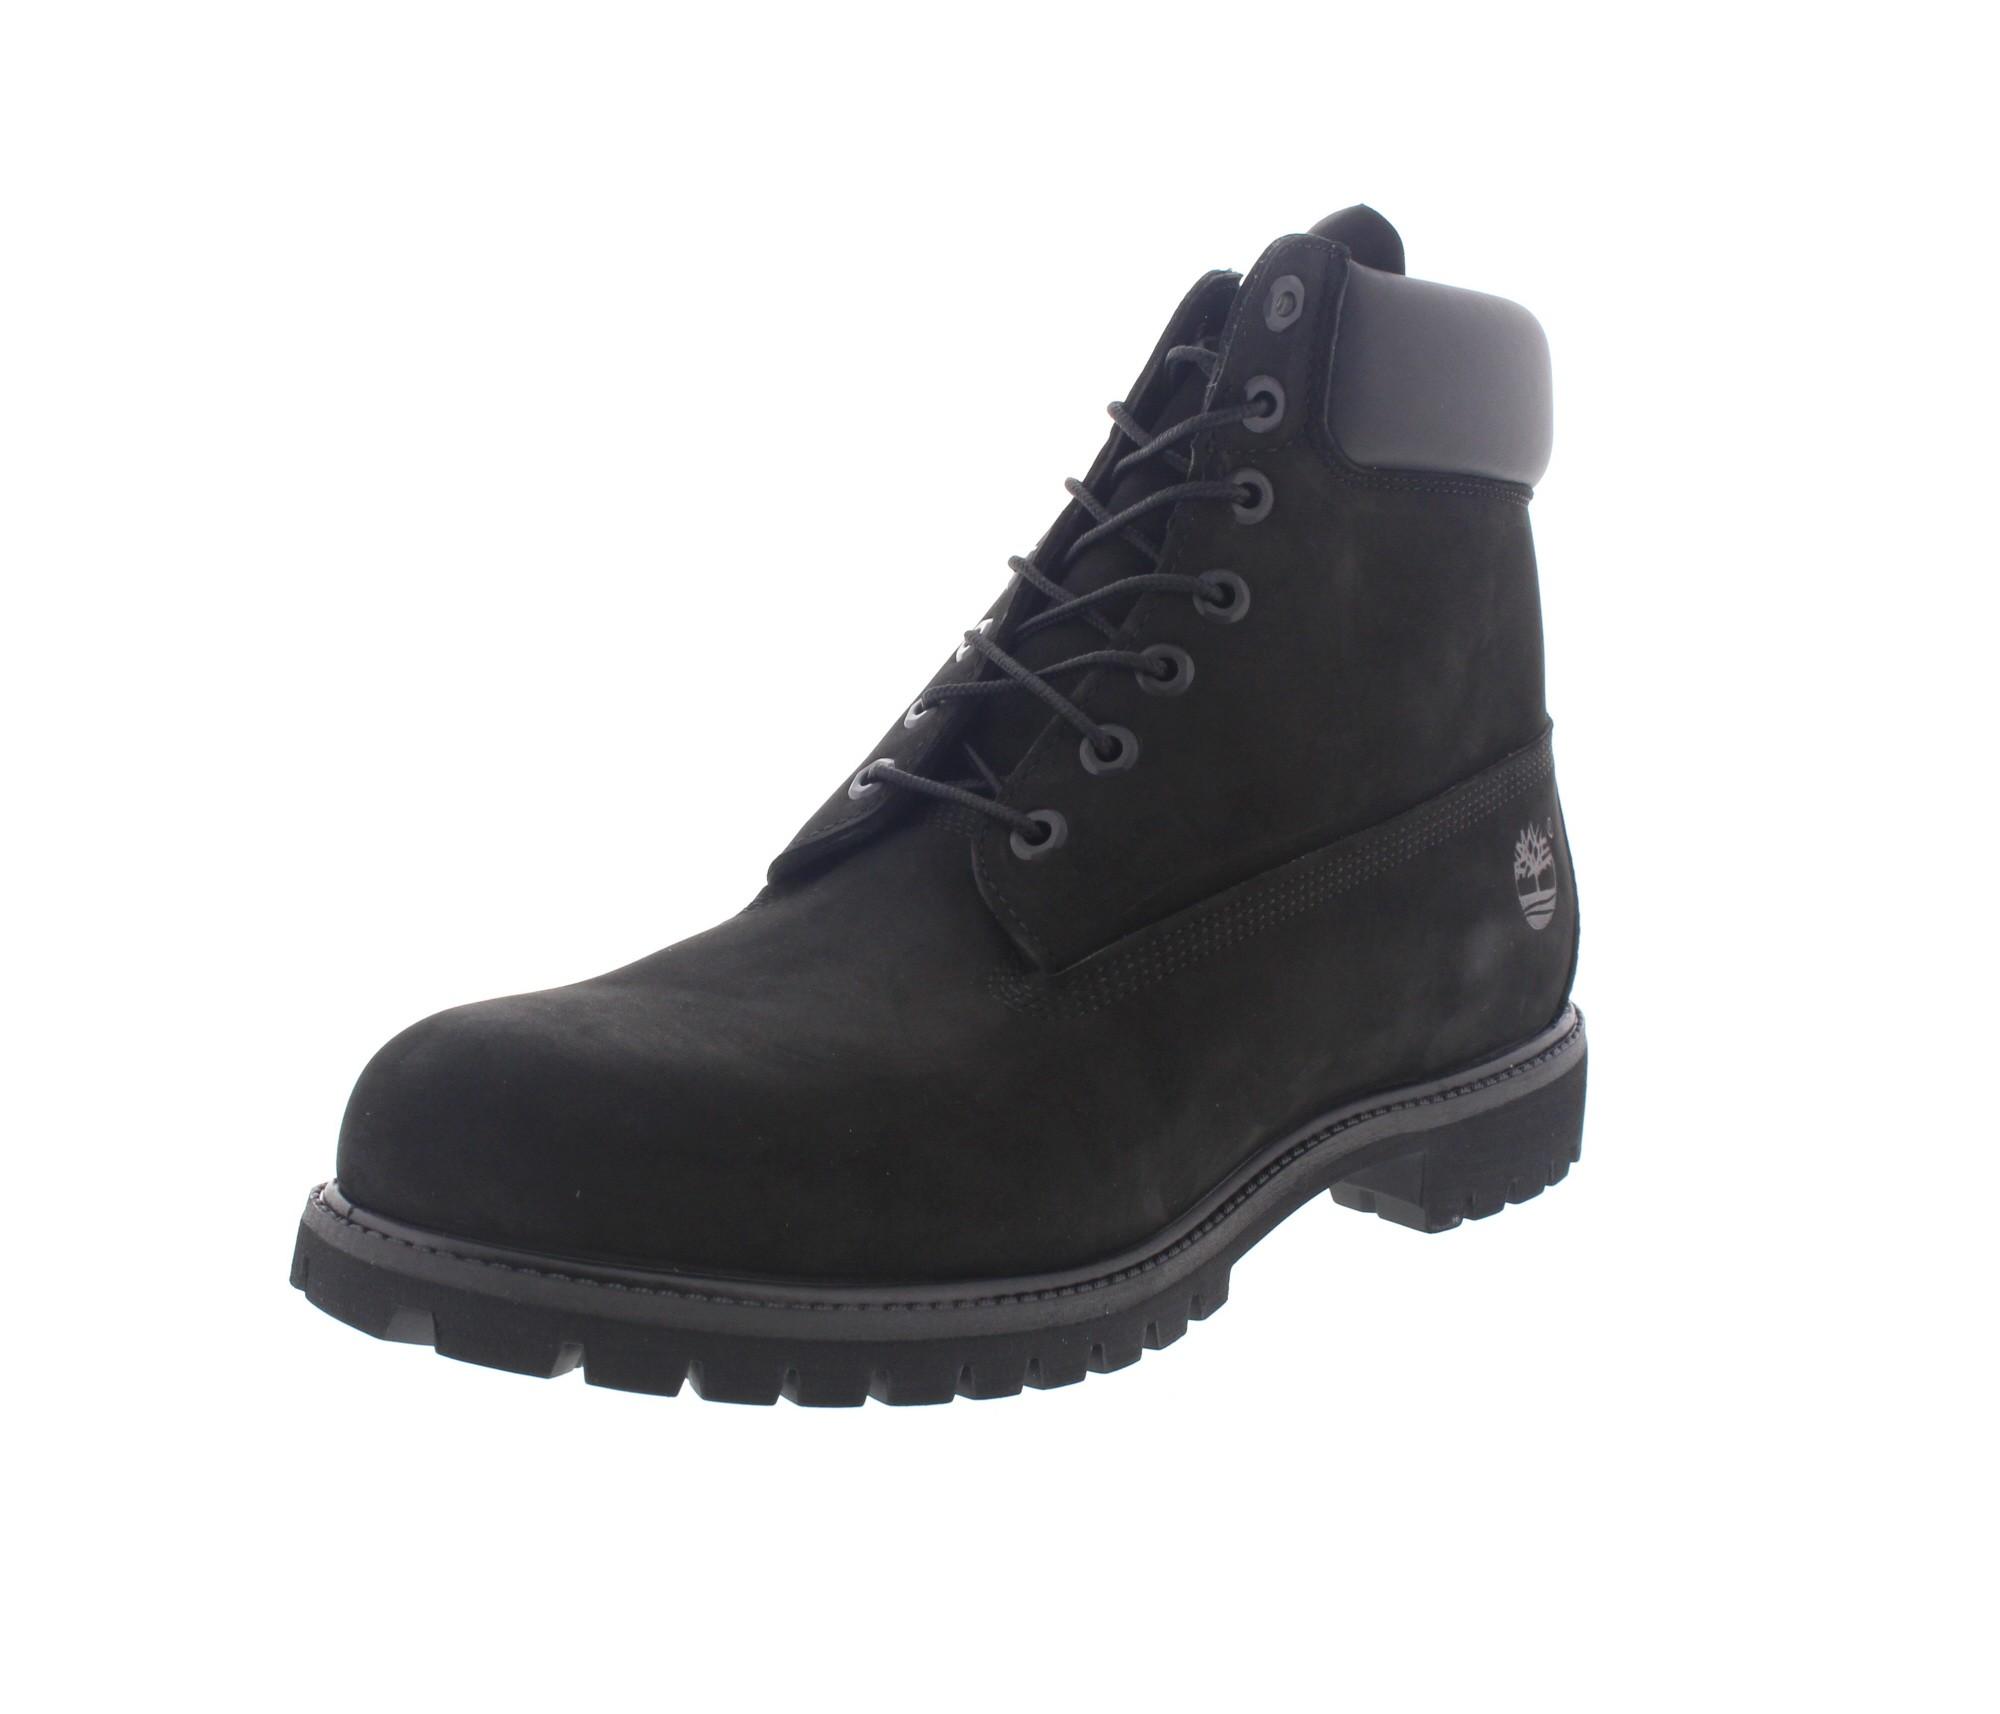 TIMBERLAND in Übergröße 6 Inch Premium Boot 10073 black